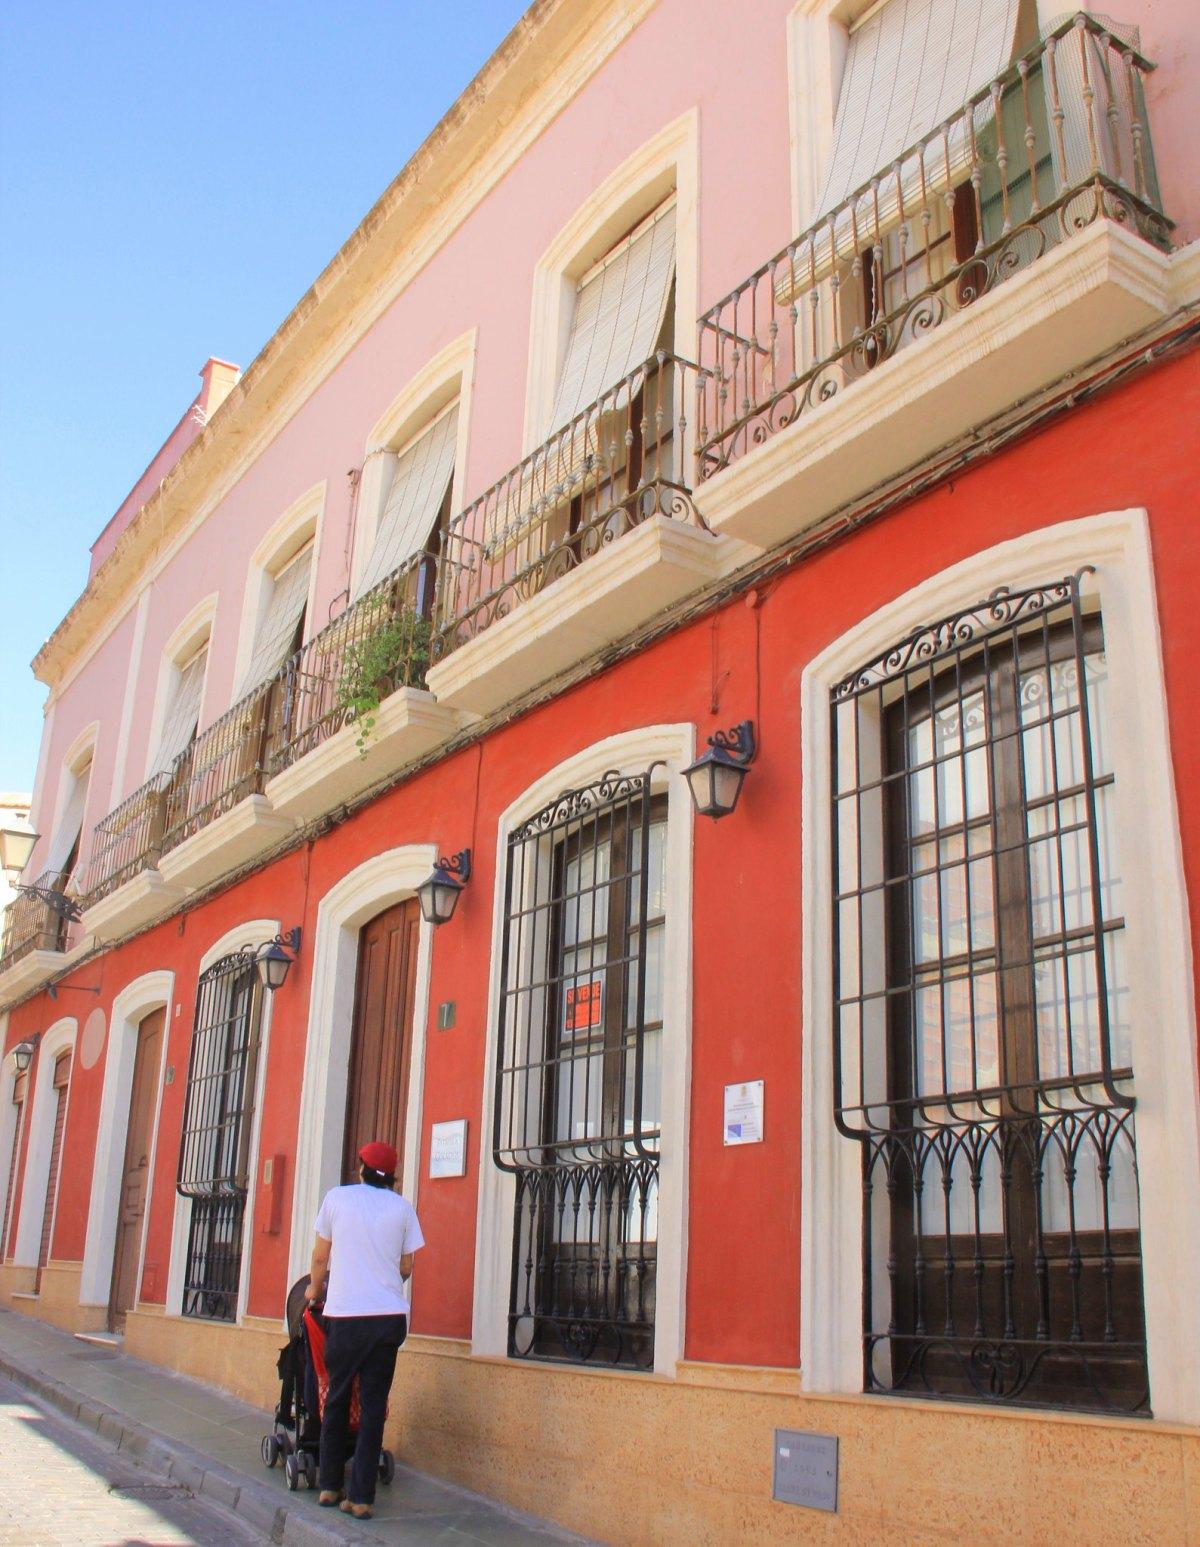 Sun-drenched Almeria city lanes